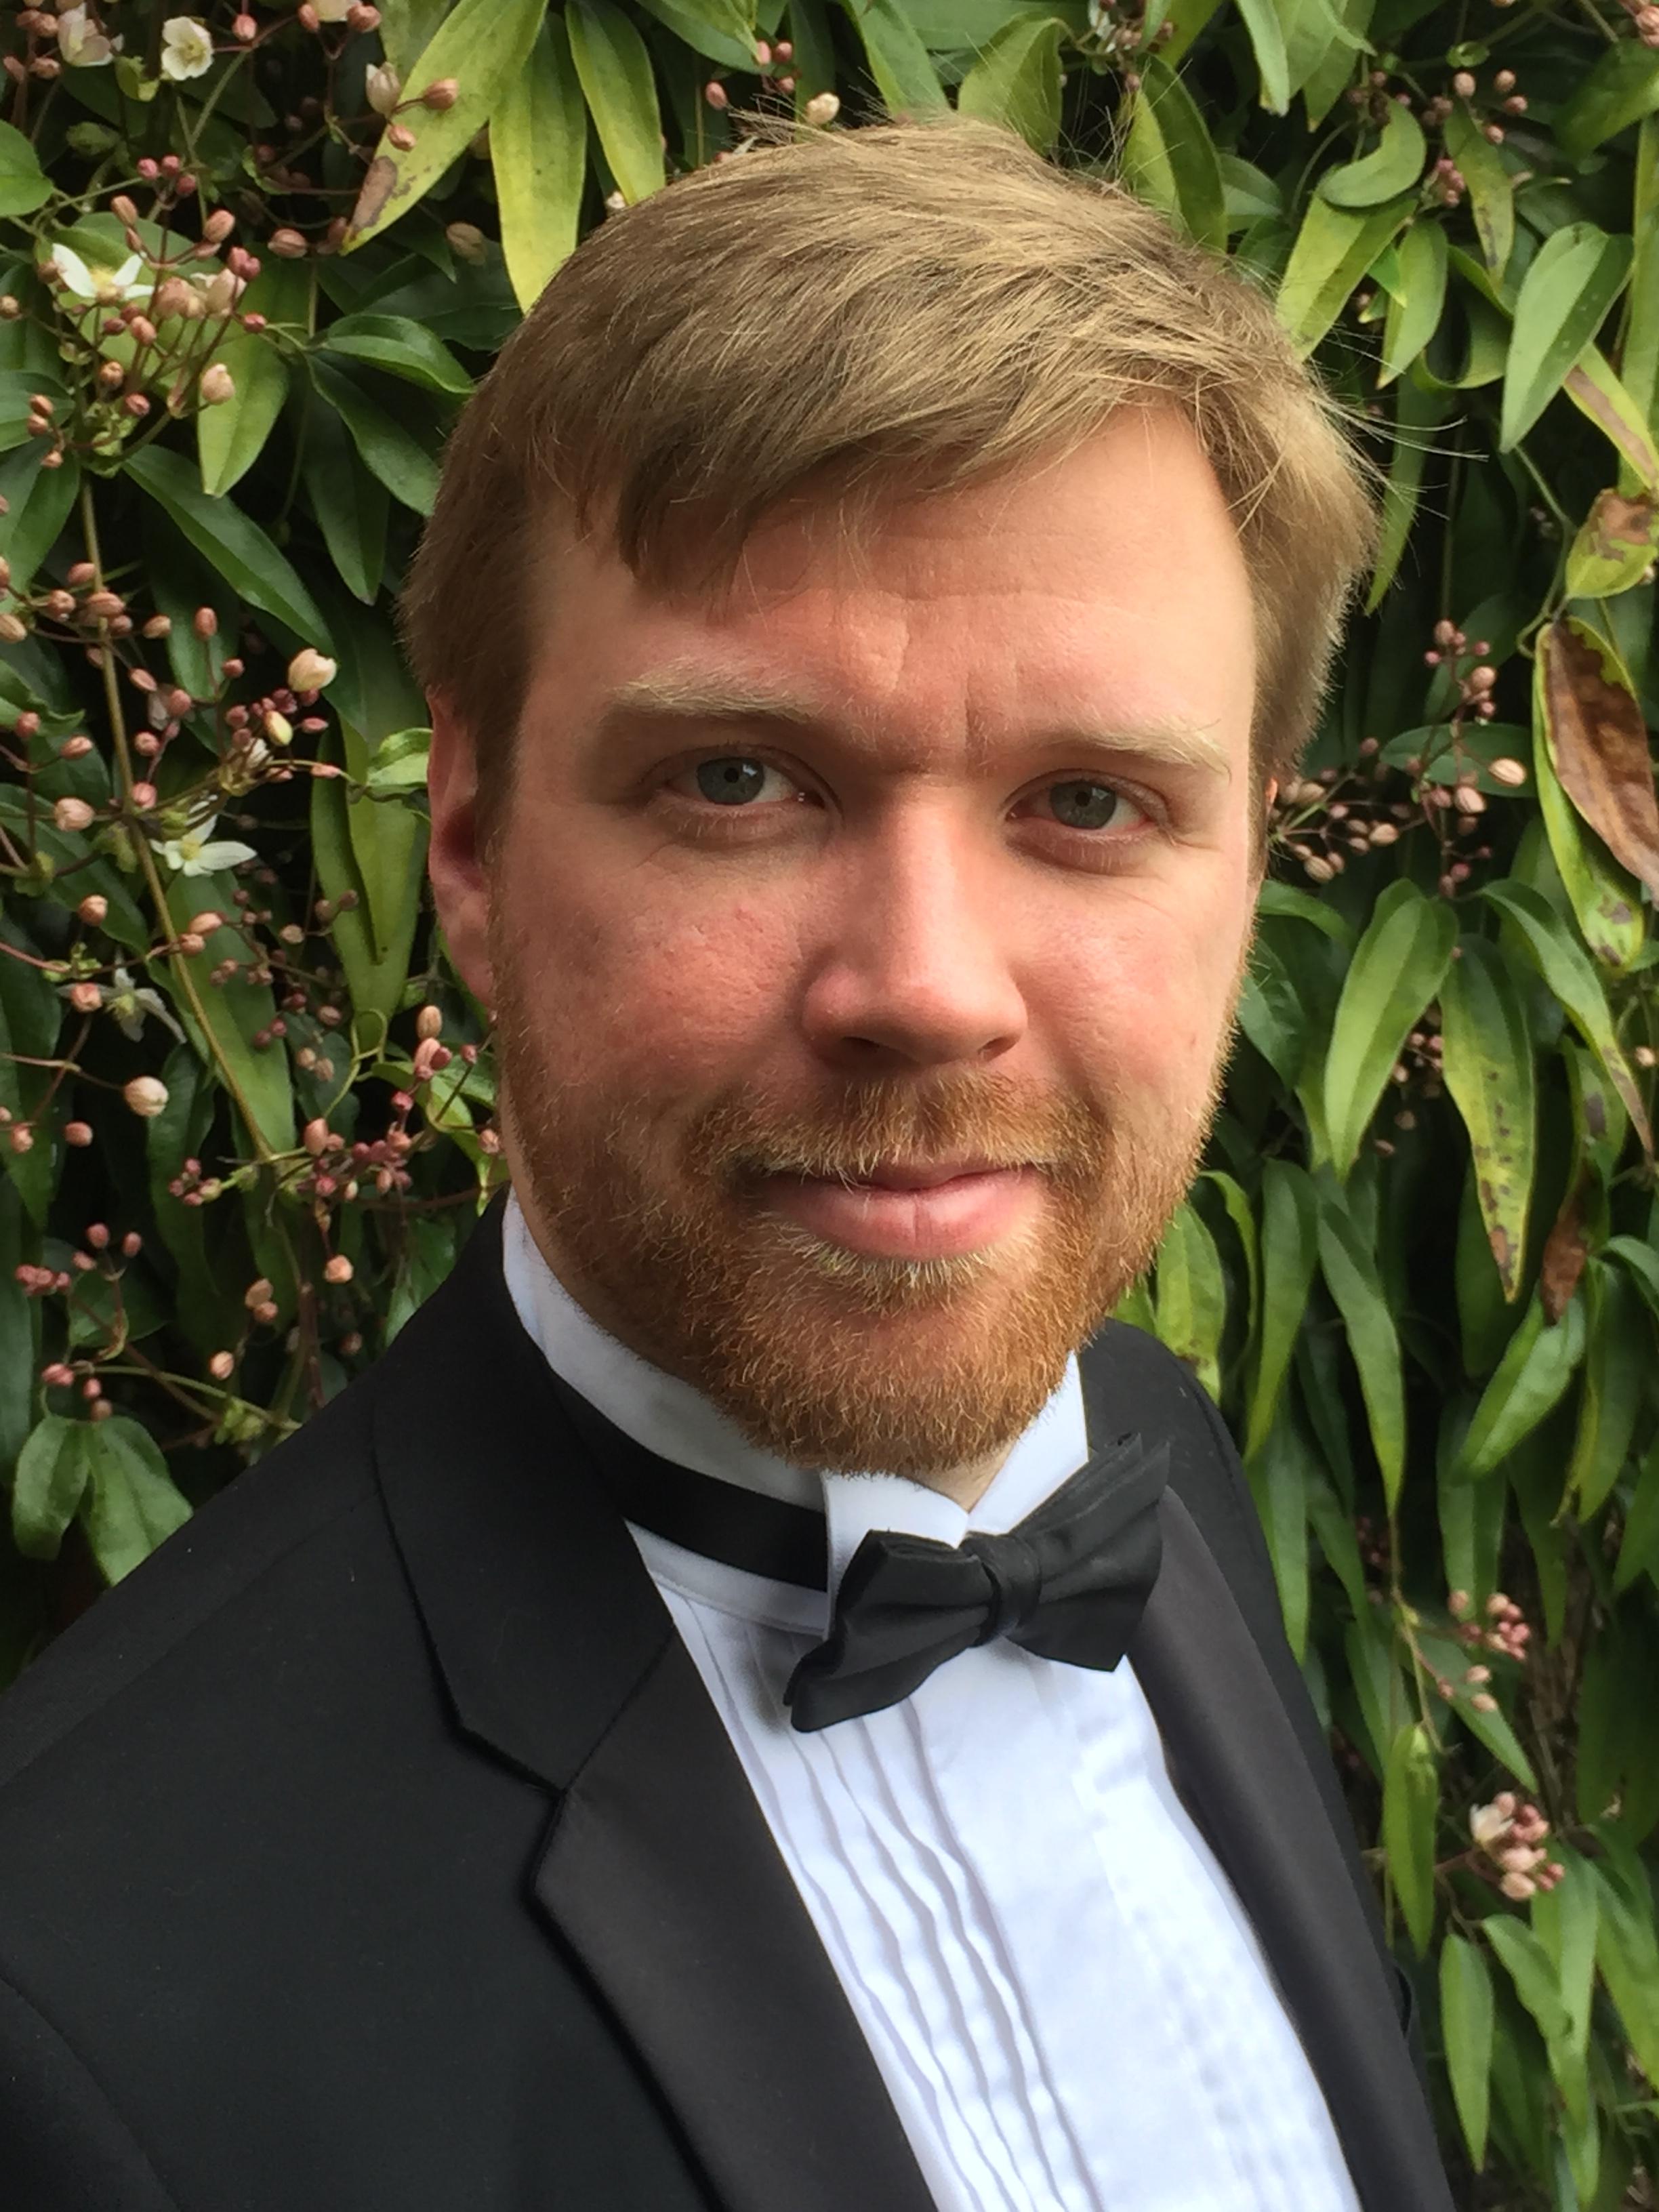 Richard Paterson headshot